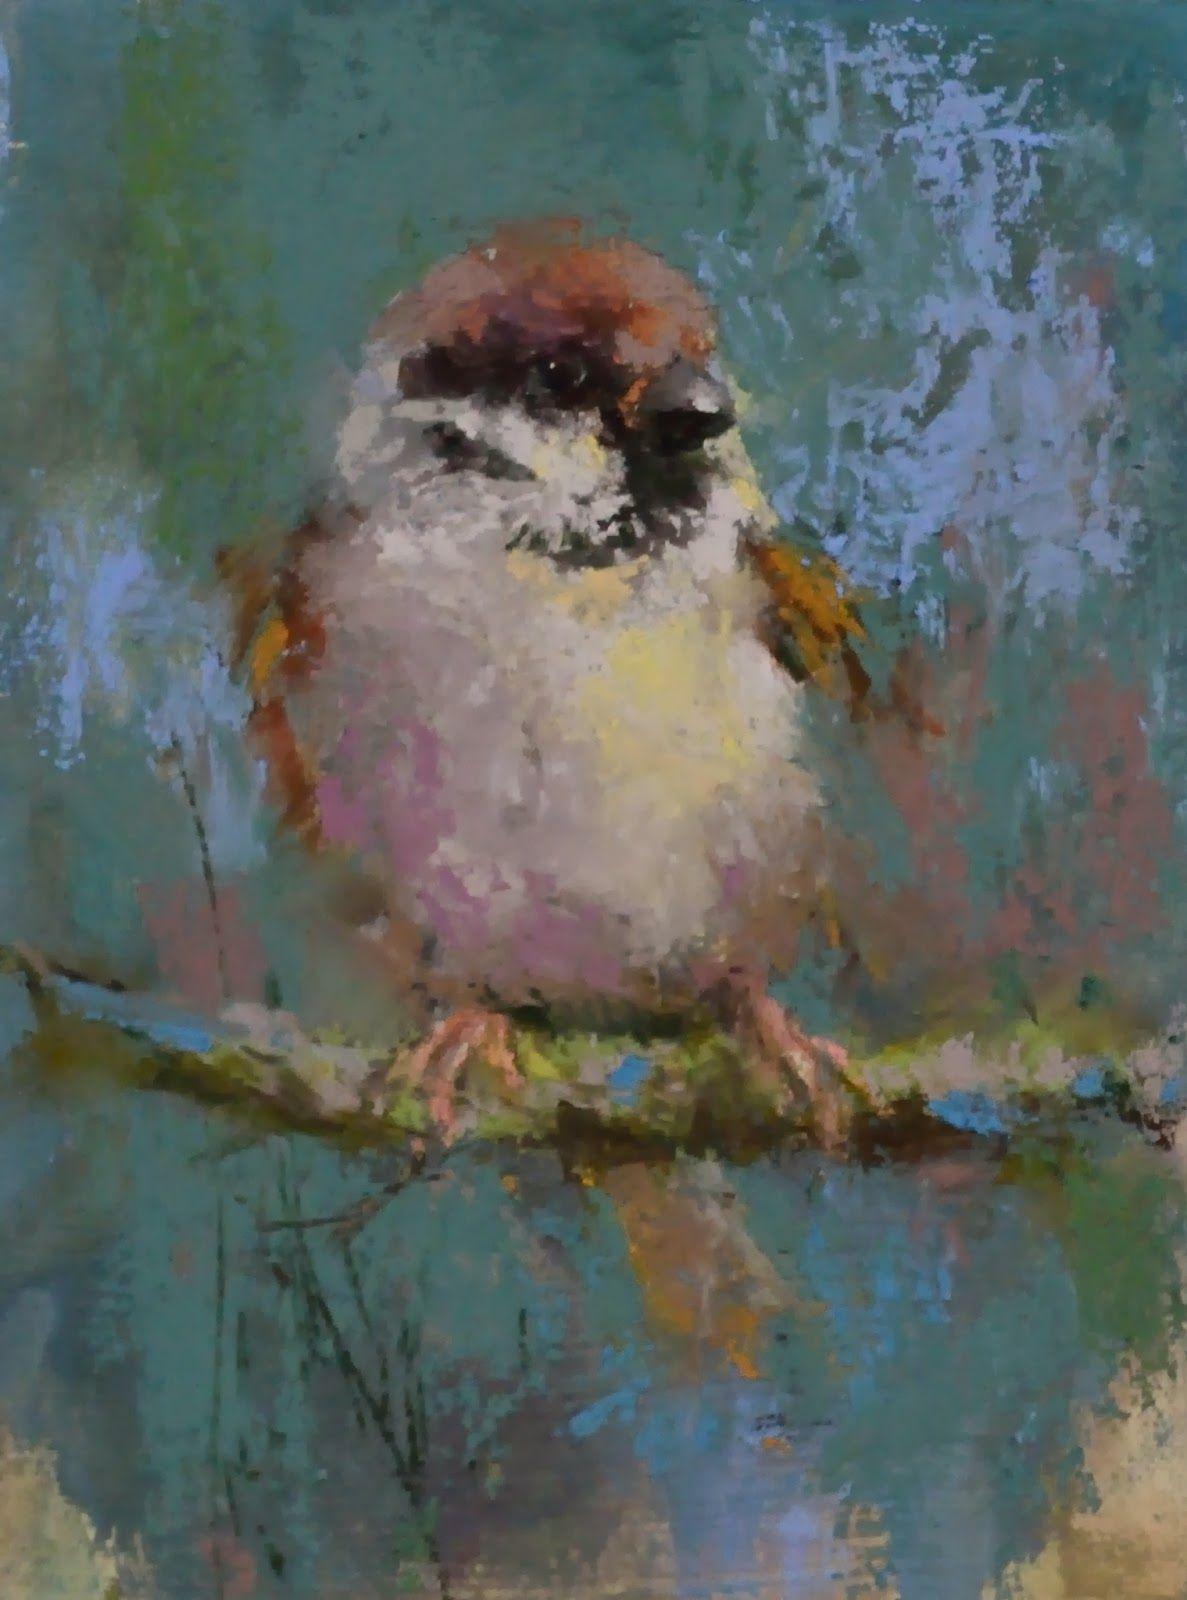 потрясающая глубина птицы пастелью современных художников внимание стекло, оно